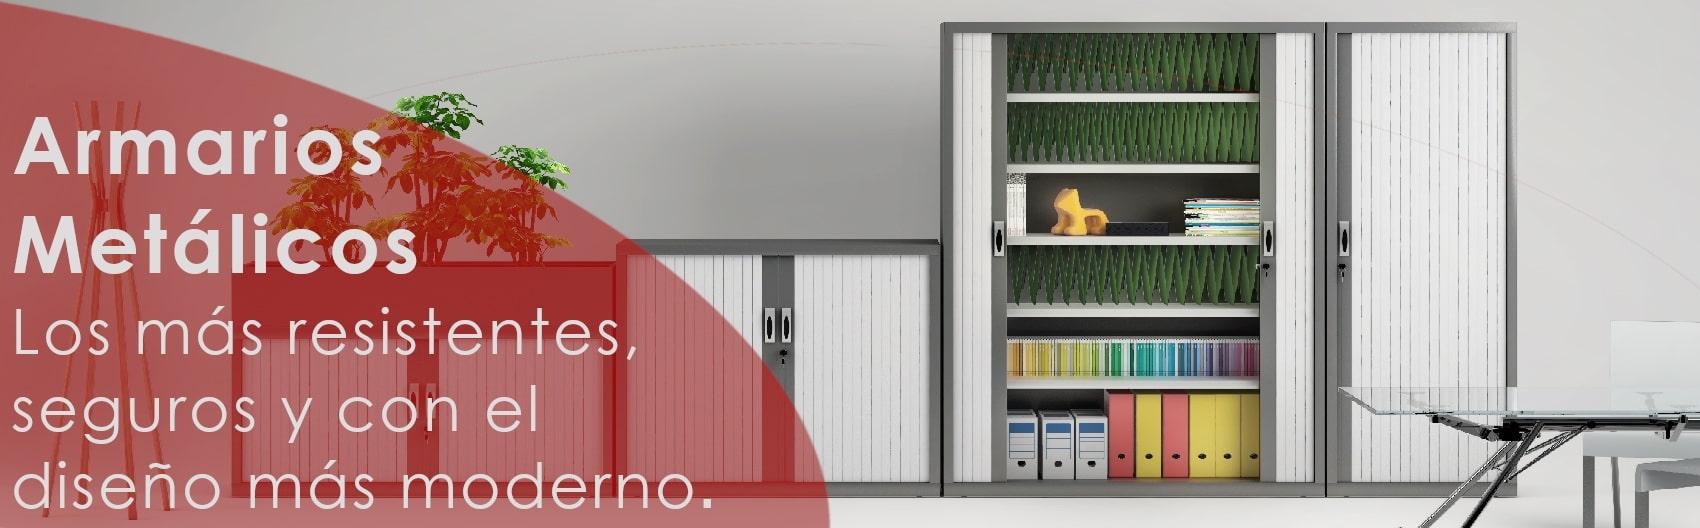 Muebles para almacenamiento, armarios y cajoneras